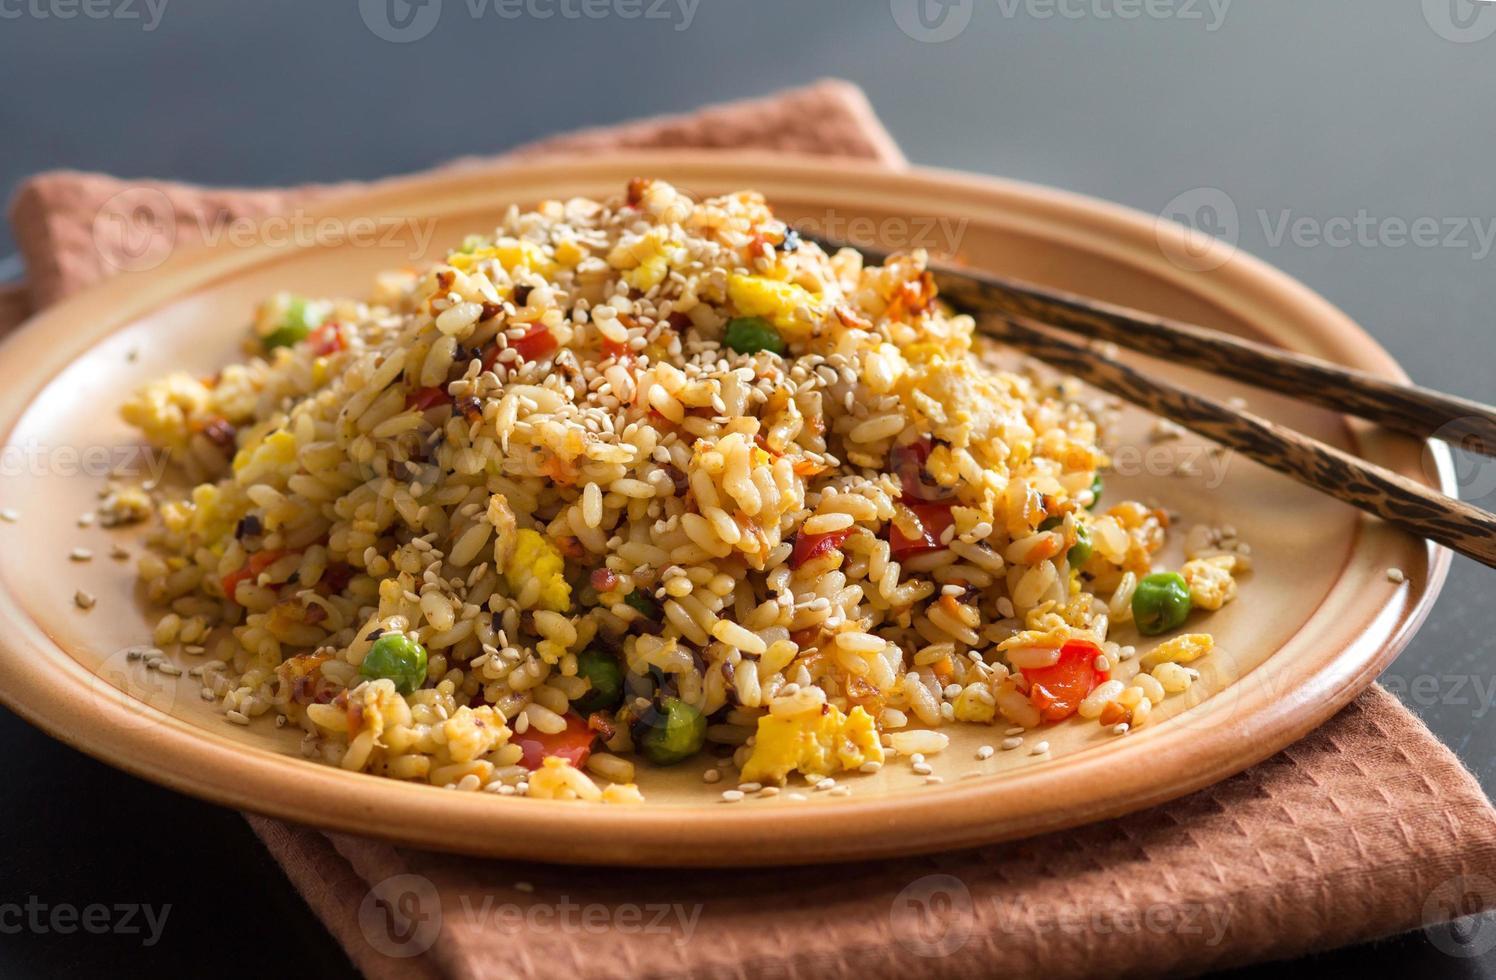 gebakken rijst met groenten en gebakken eieren foto